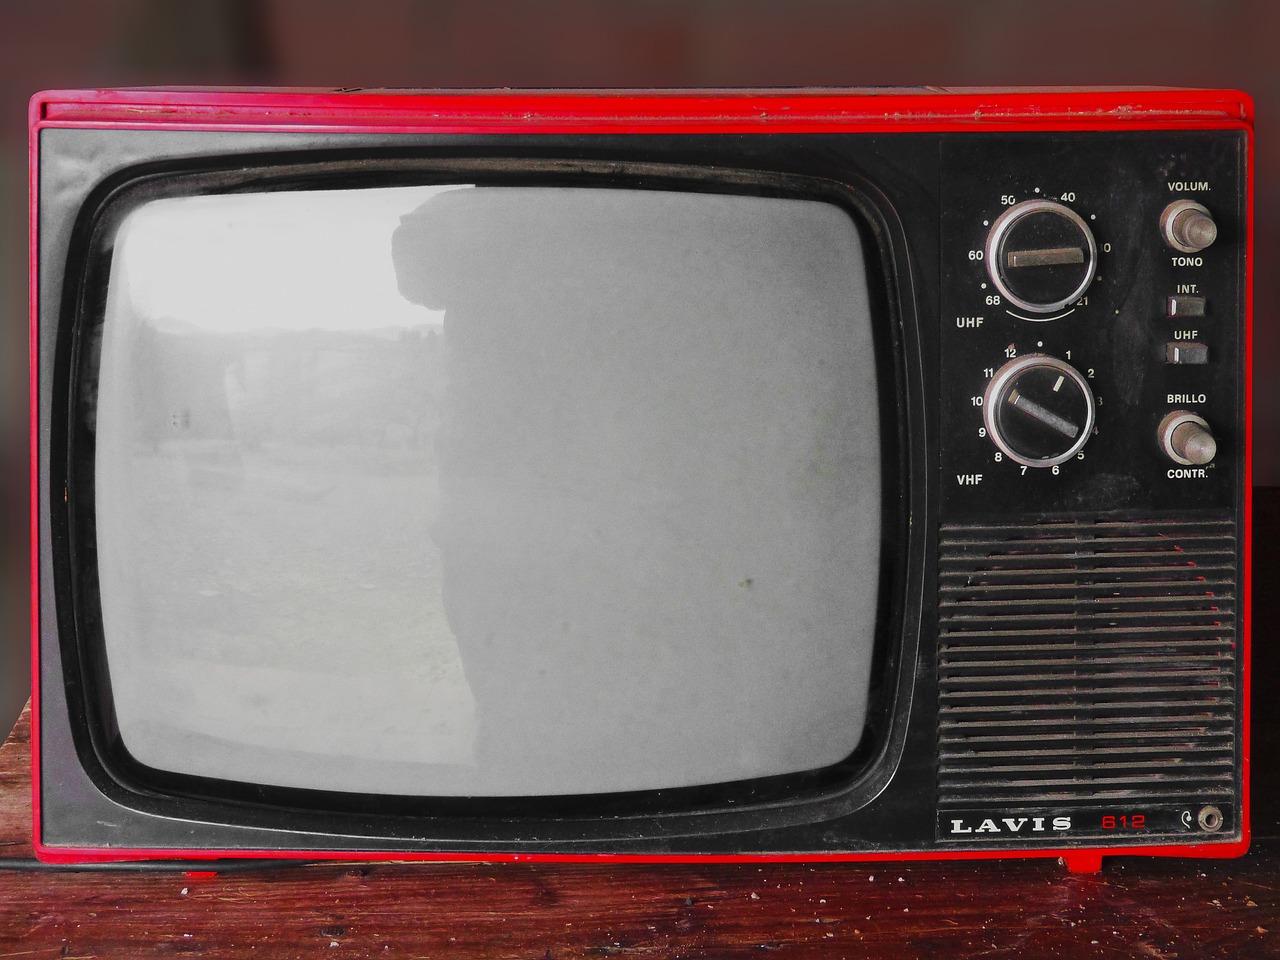 Hänge Fernseher anzeige] let's talk - fernsehen und streaming-dienste | das nuf advanced